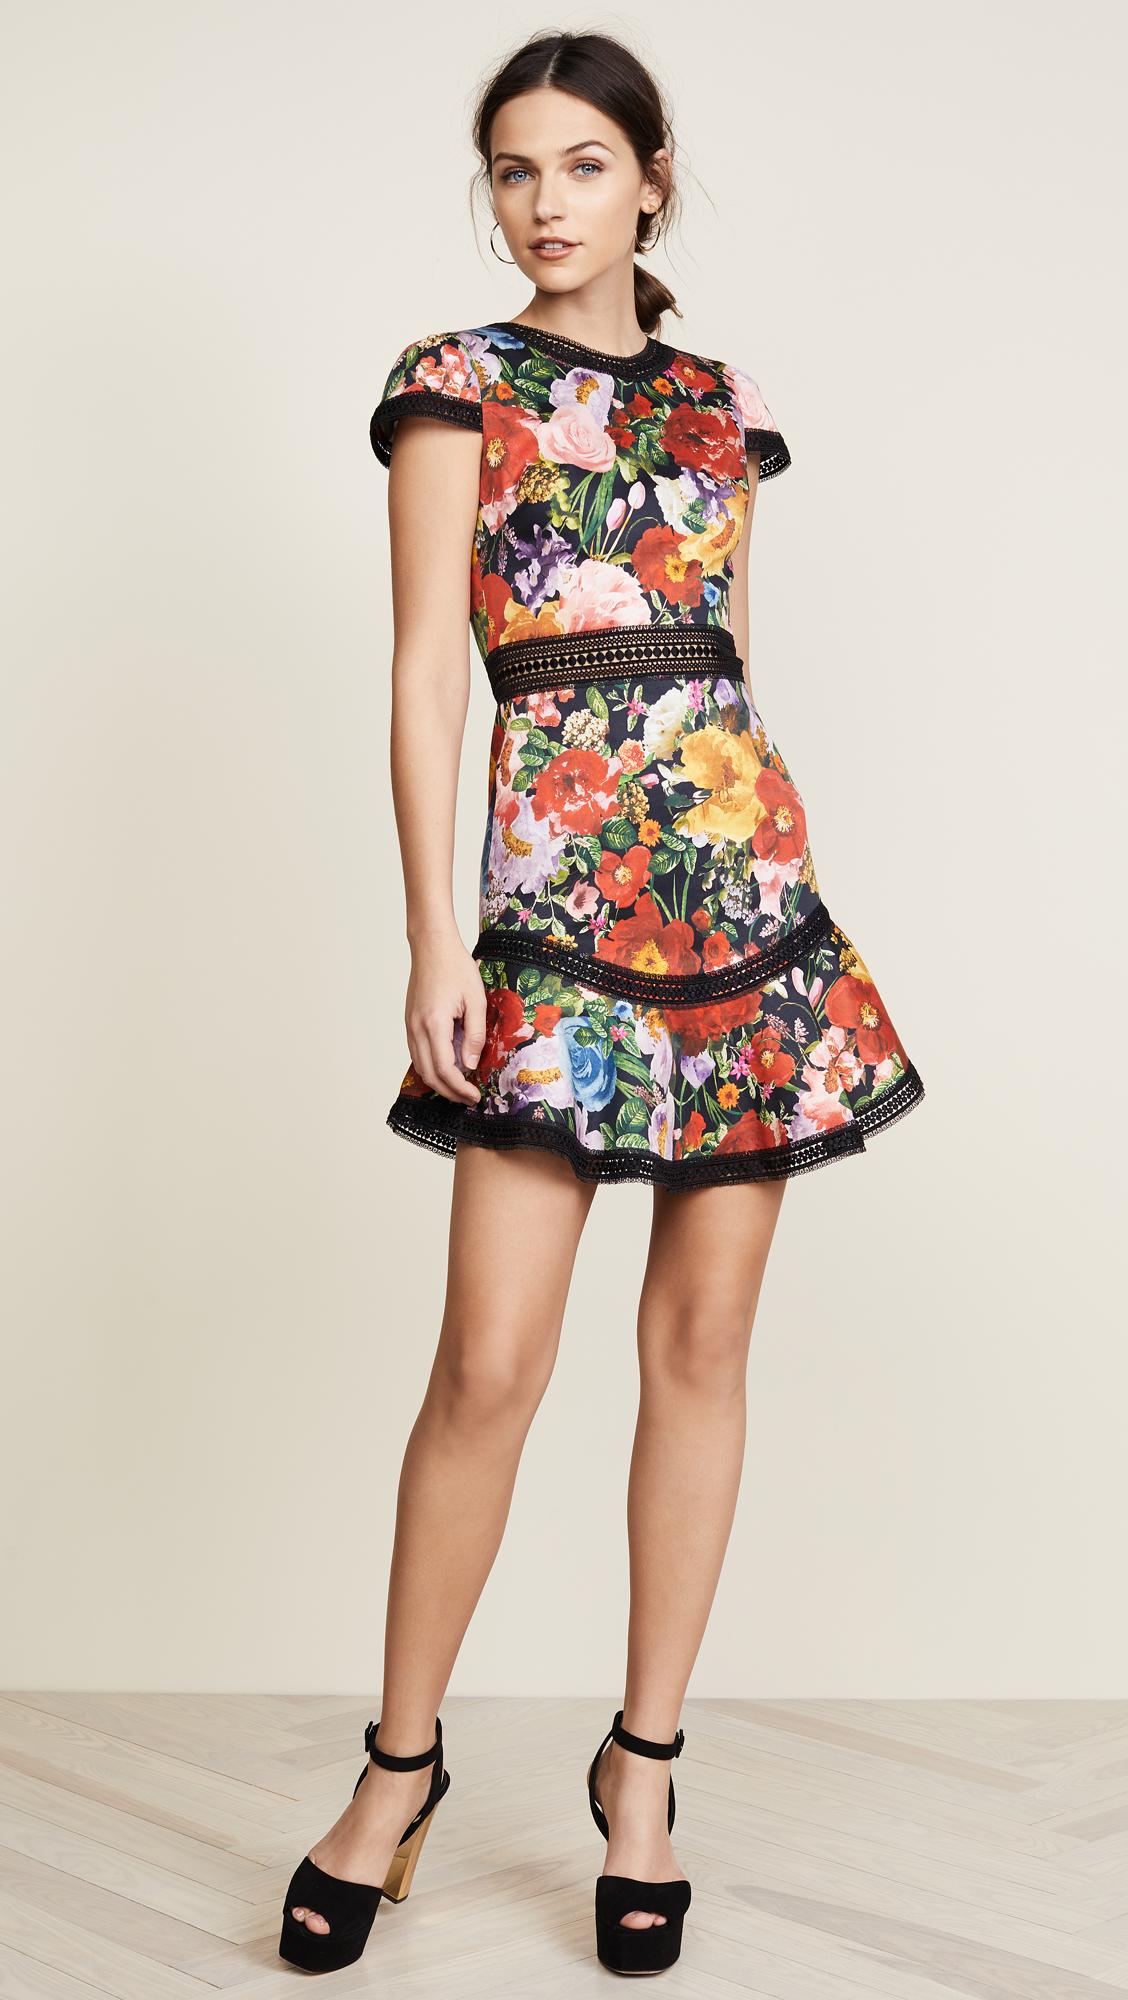 Alice Olivia Rapunzel Flutter Dress Kollette Most